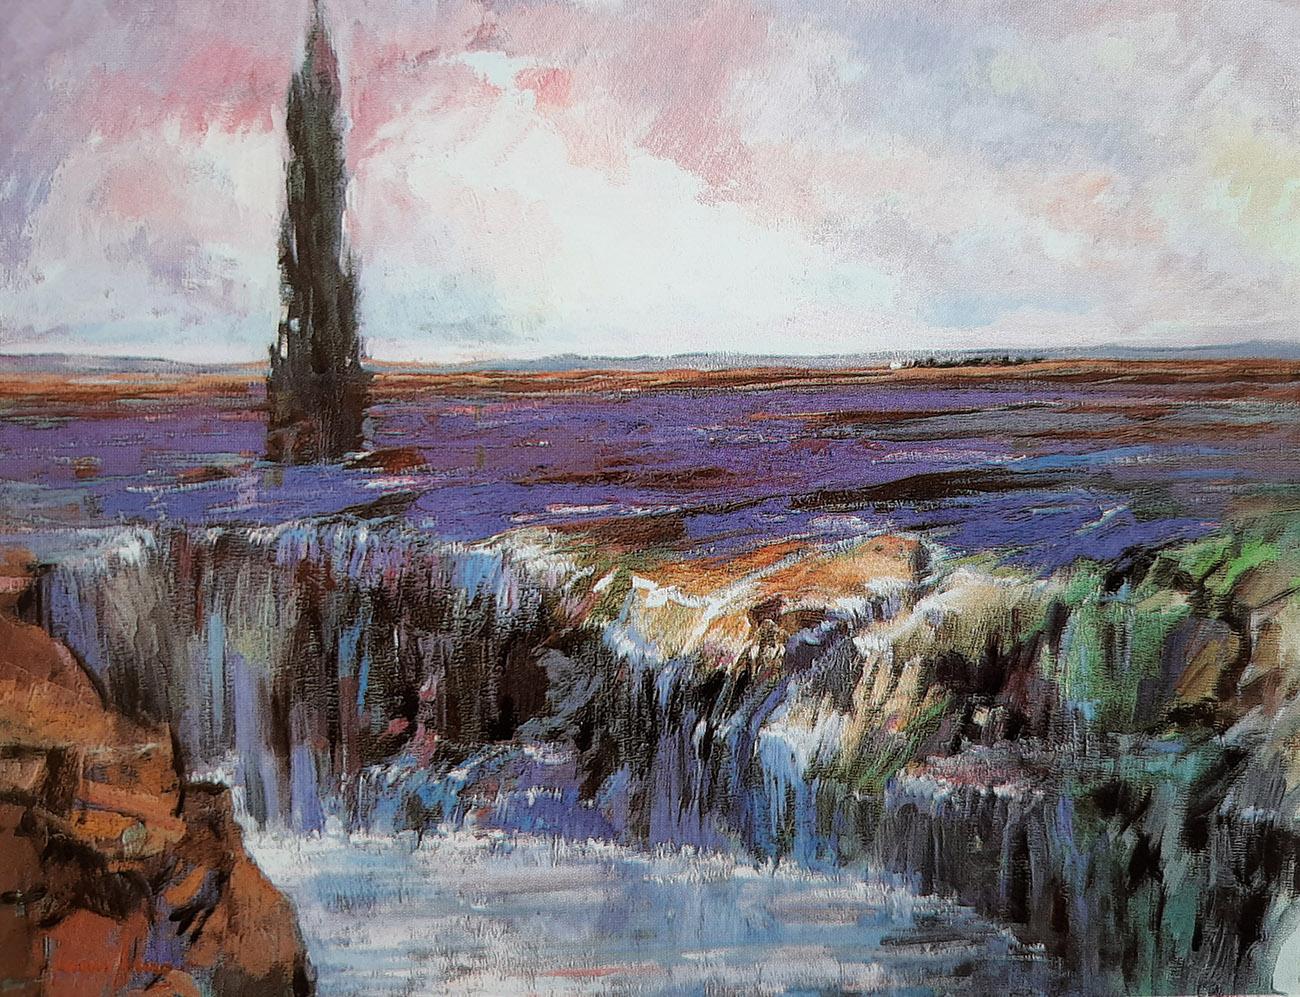 Juan Amo. (1994). La Riada. Óleo - Lienzo. 73 x 92. Colección Privada.